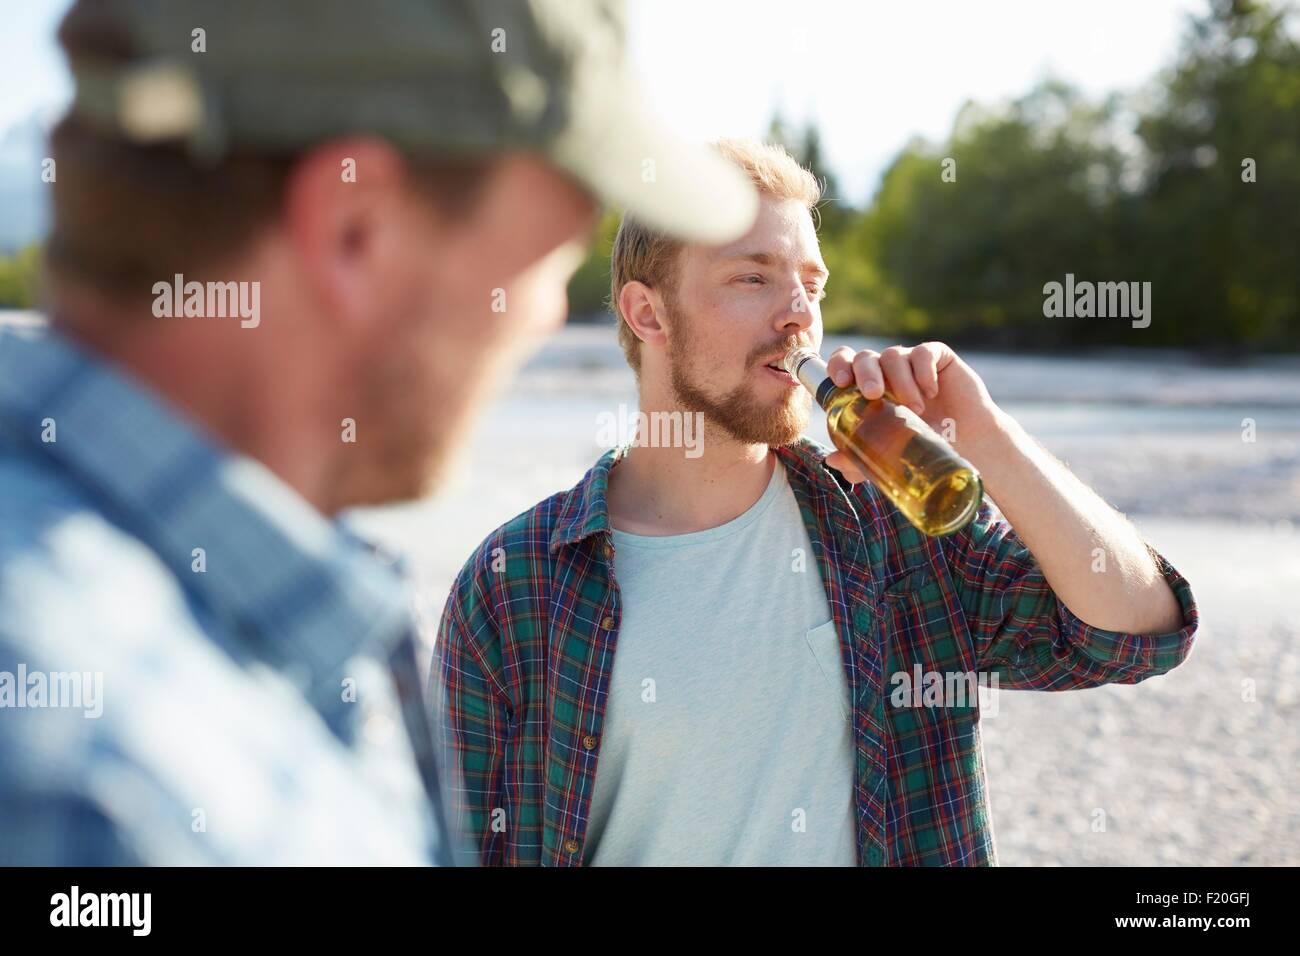 Junger Mann nehmen einen Drink aus einer Bierflasche wegschauen Stockbild